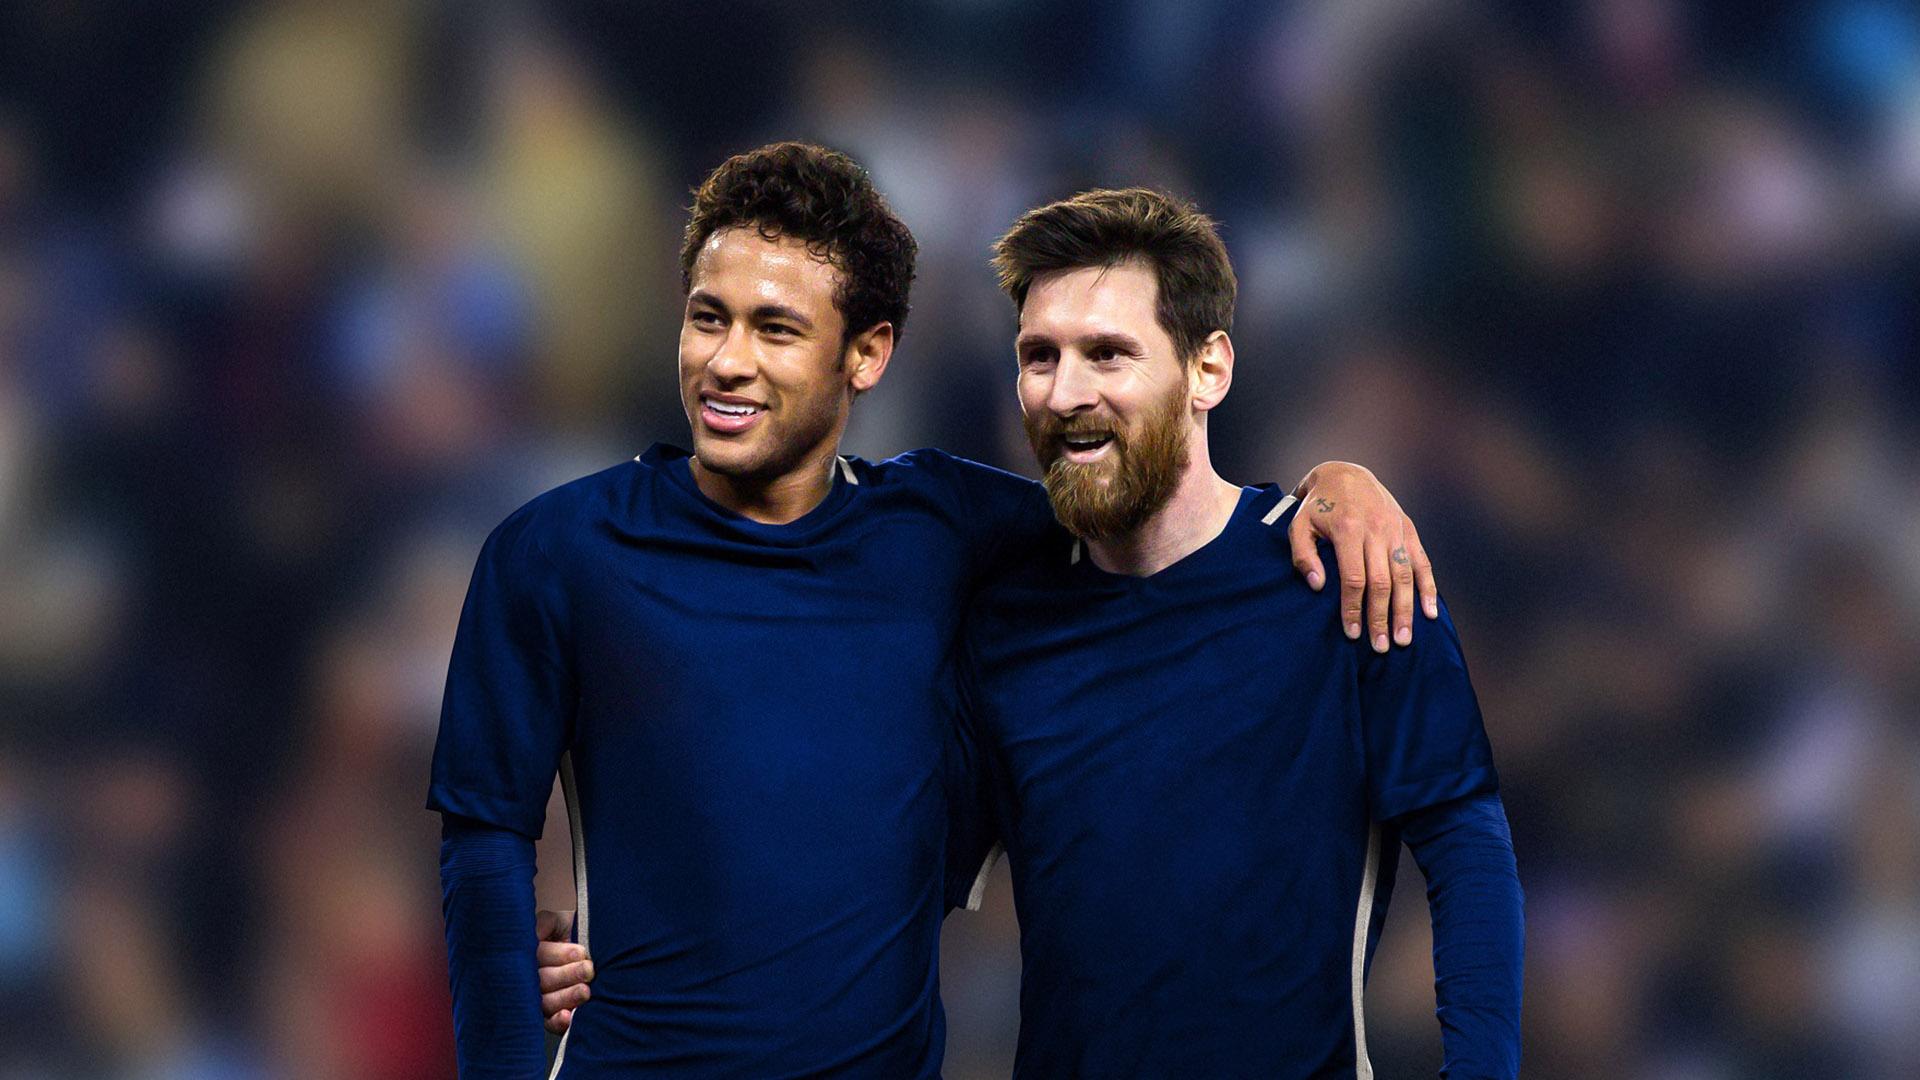 Neymar y Messi son amigos fuera de la cancha (Getty Images)